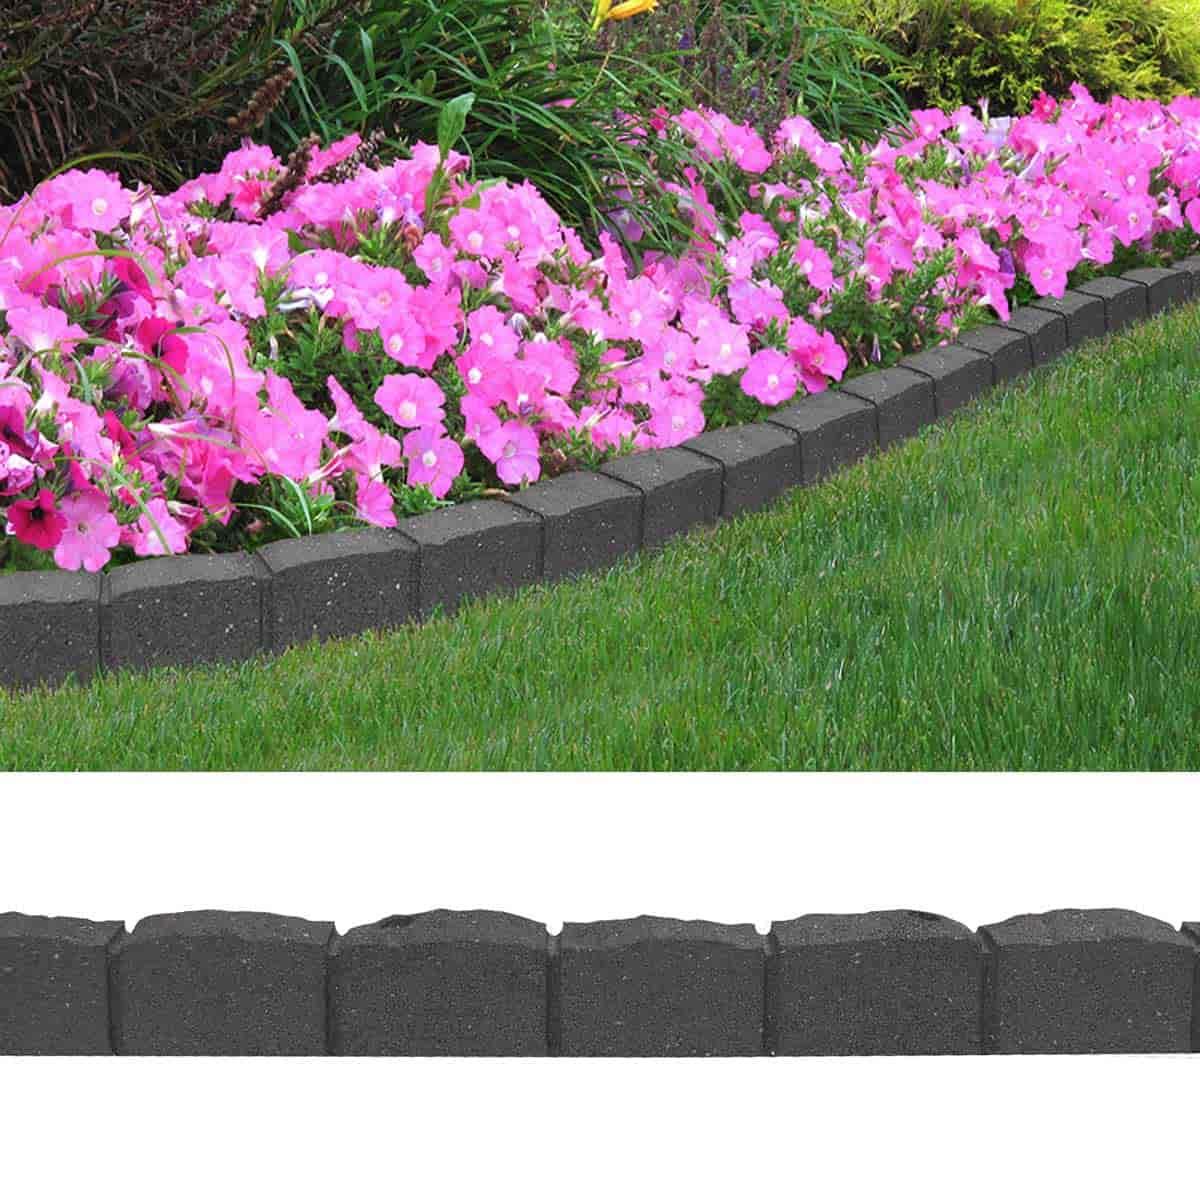 Bordure De Jardin Effet Pavés 122Cm - Caoutchouc Recyclé tout Bordure Jardin